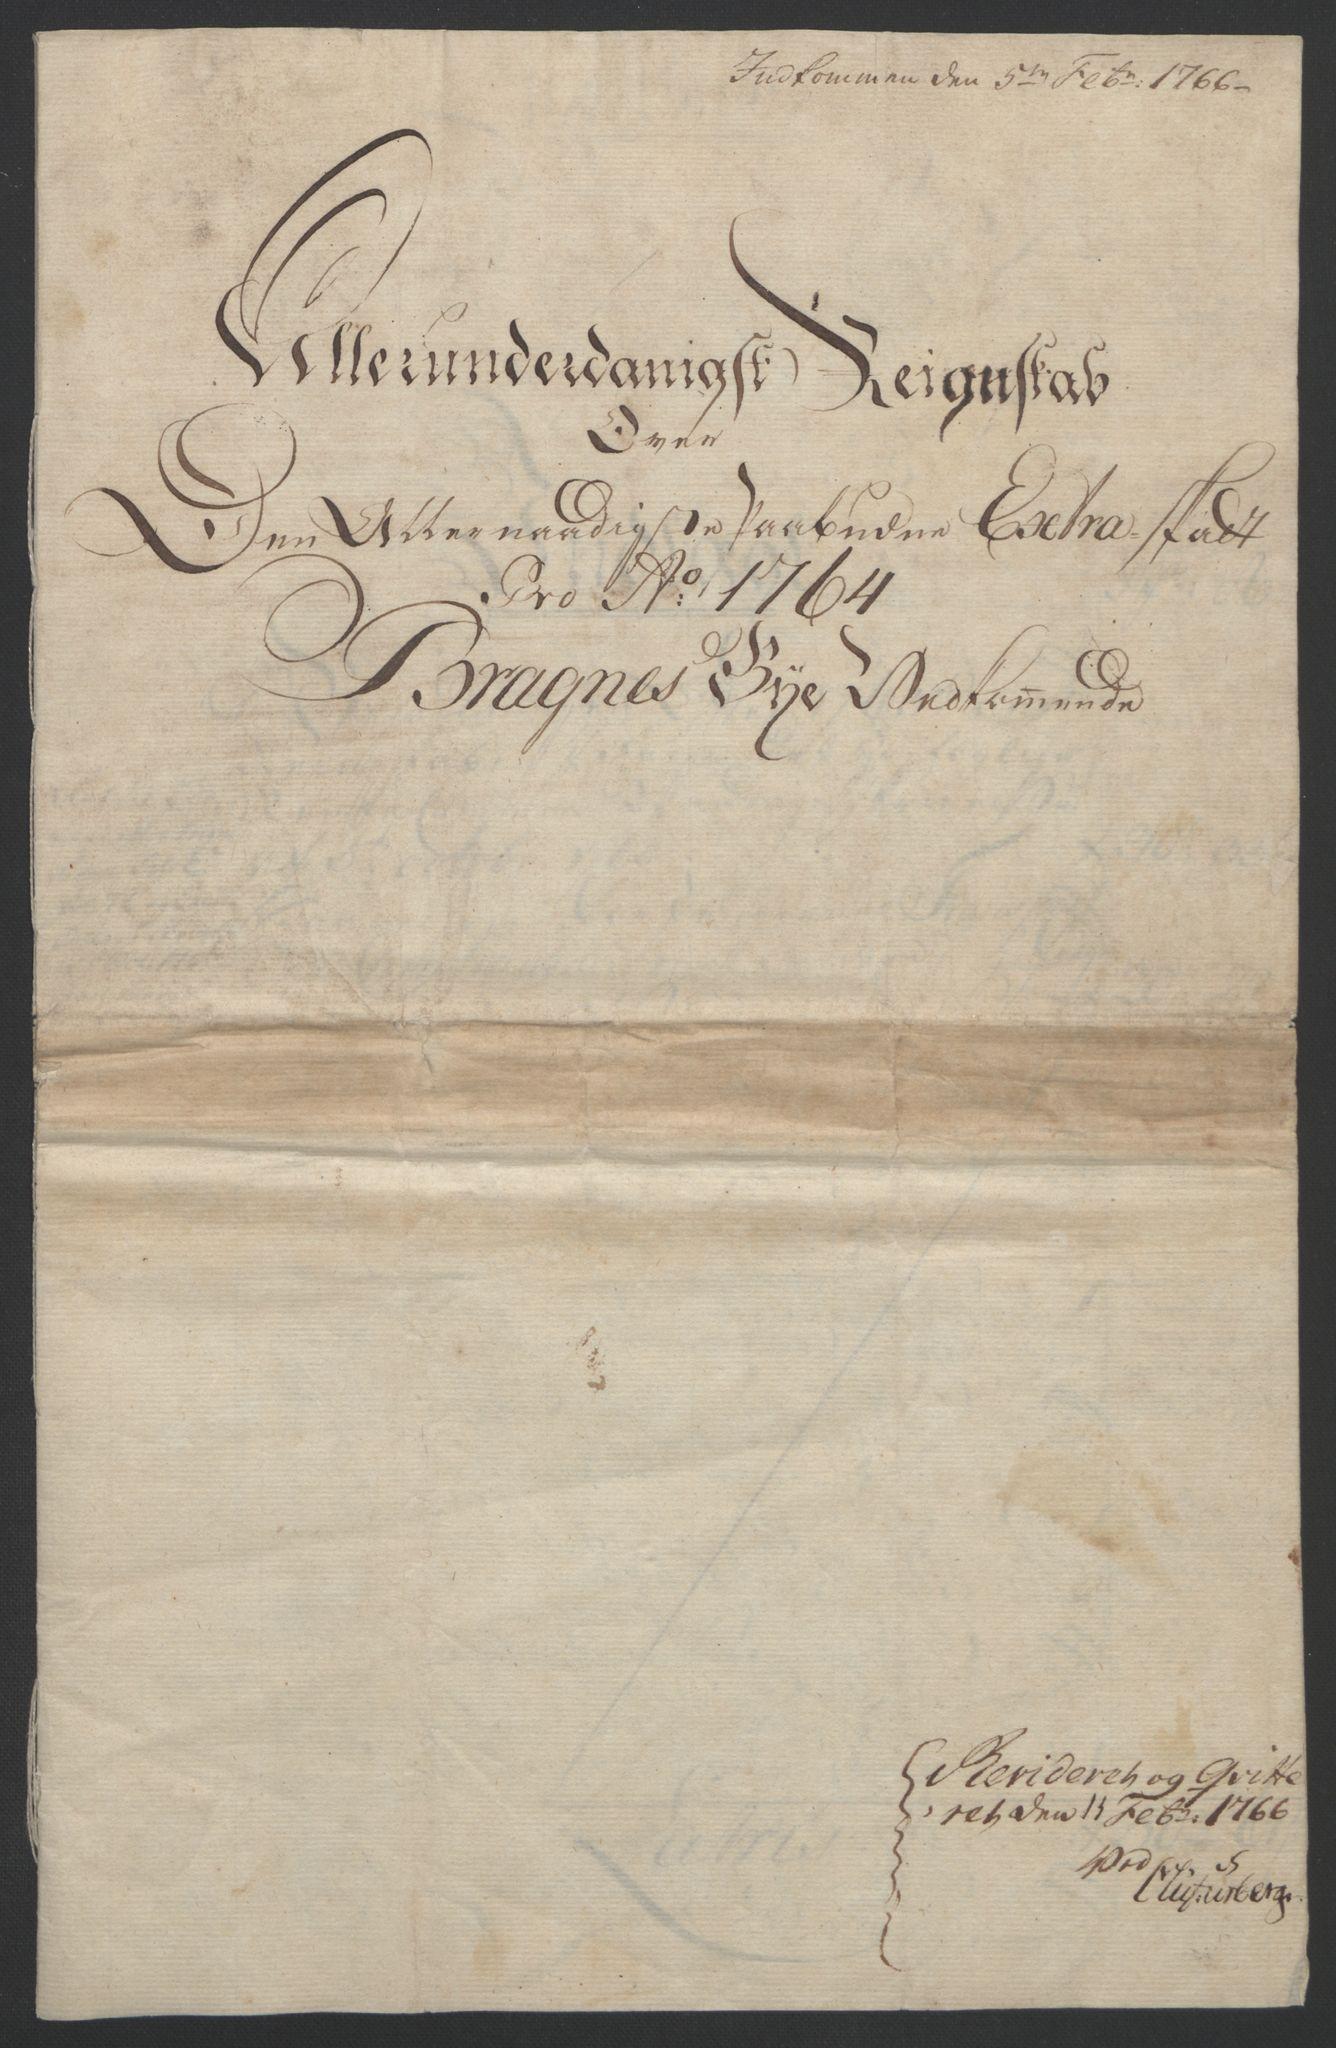 RA, Rentekammeret inntil 1814, Reviderte regnskaper, Byregnskaper, R/Rf/L0119: [F2] Kontribusjonsregnskap, 1762-1767, s. 150